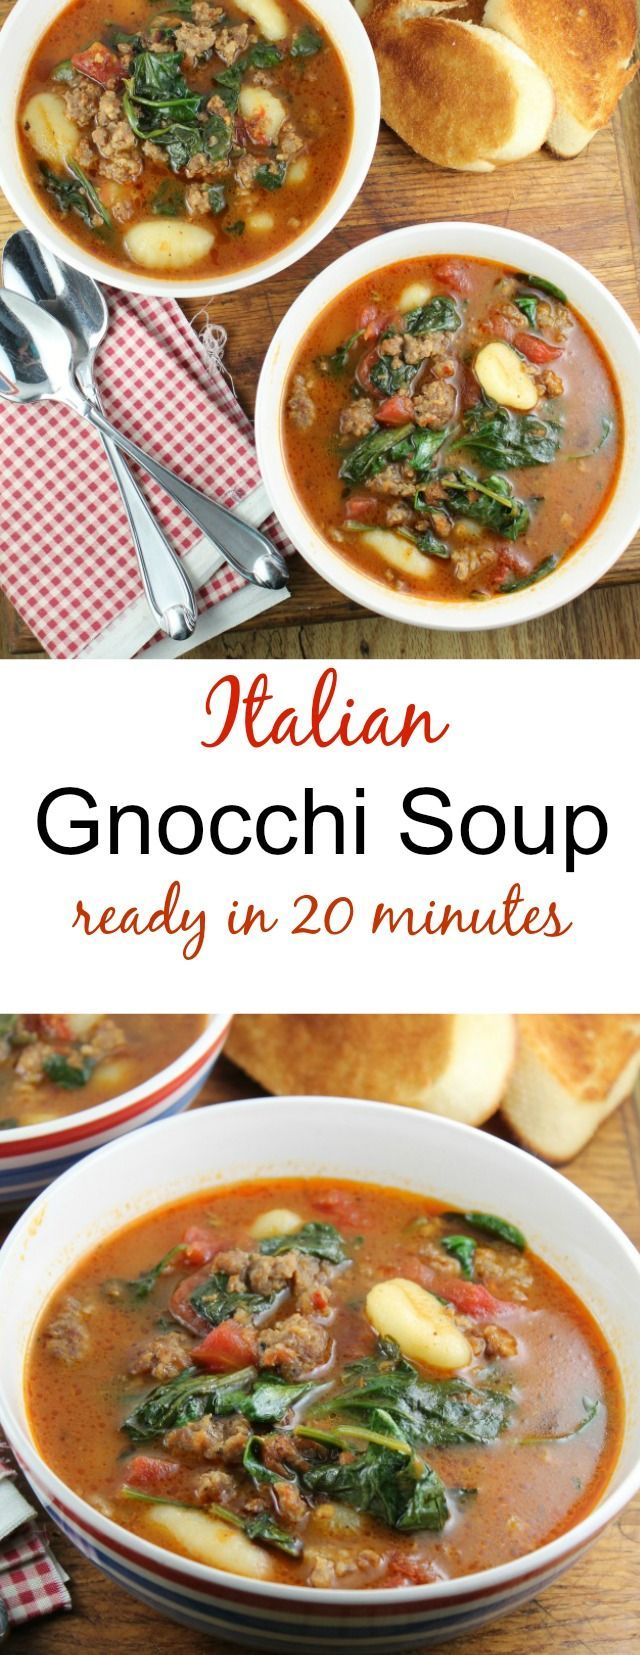 Italian Gnocchi Soup Recipe